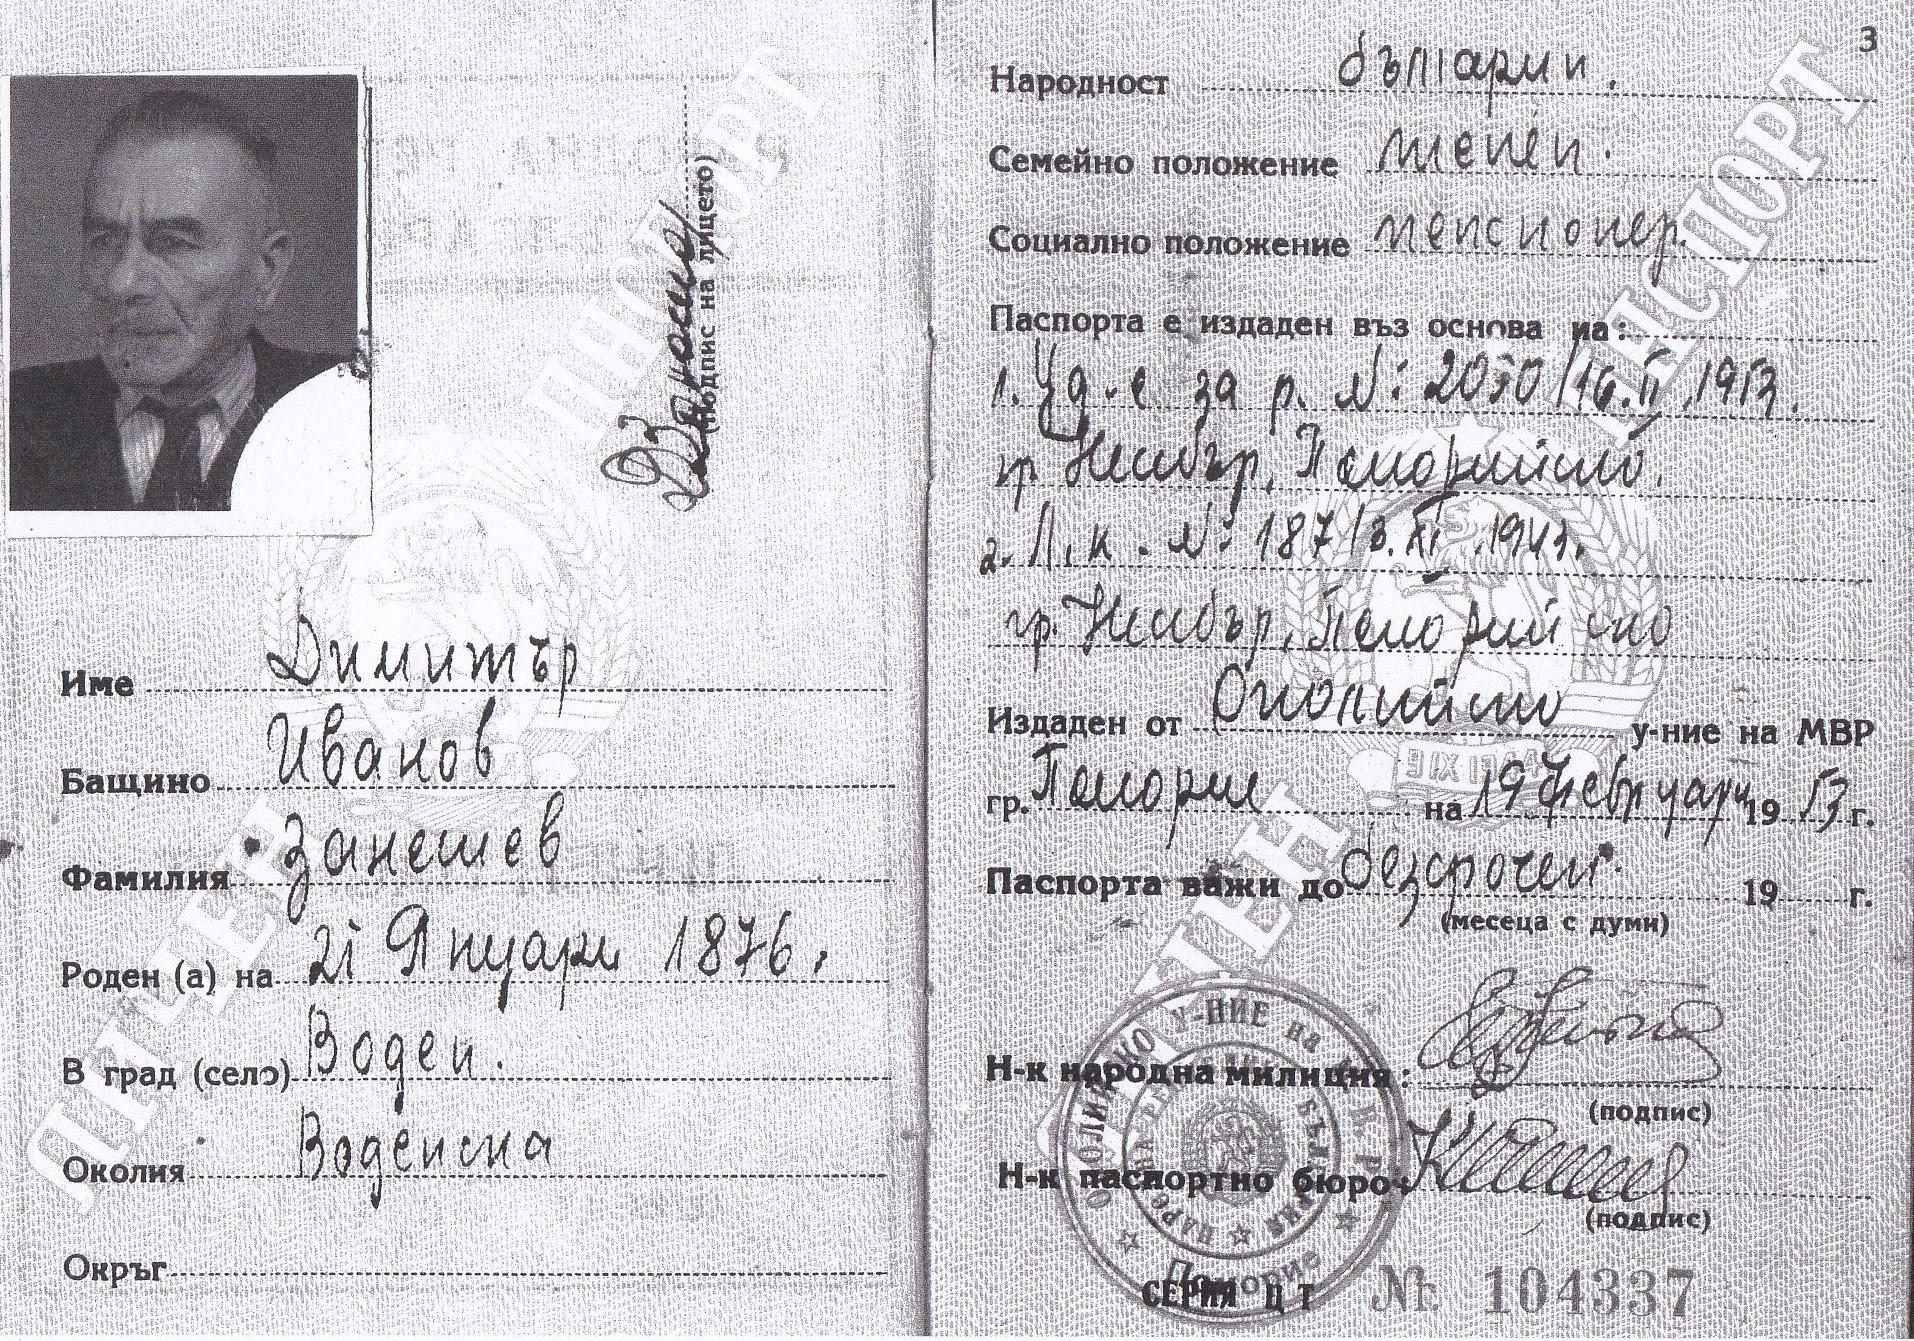 Димитър Занешев - паспорт snimka4